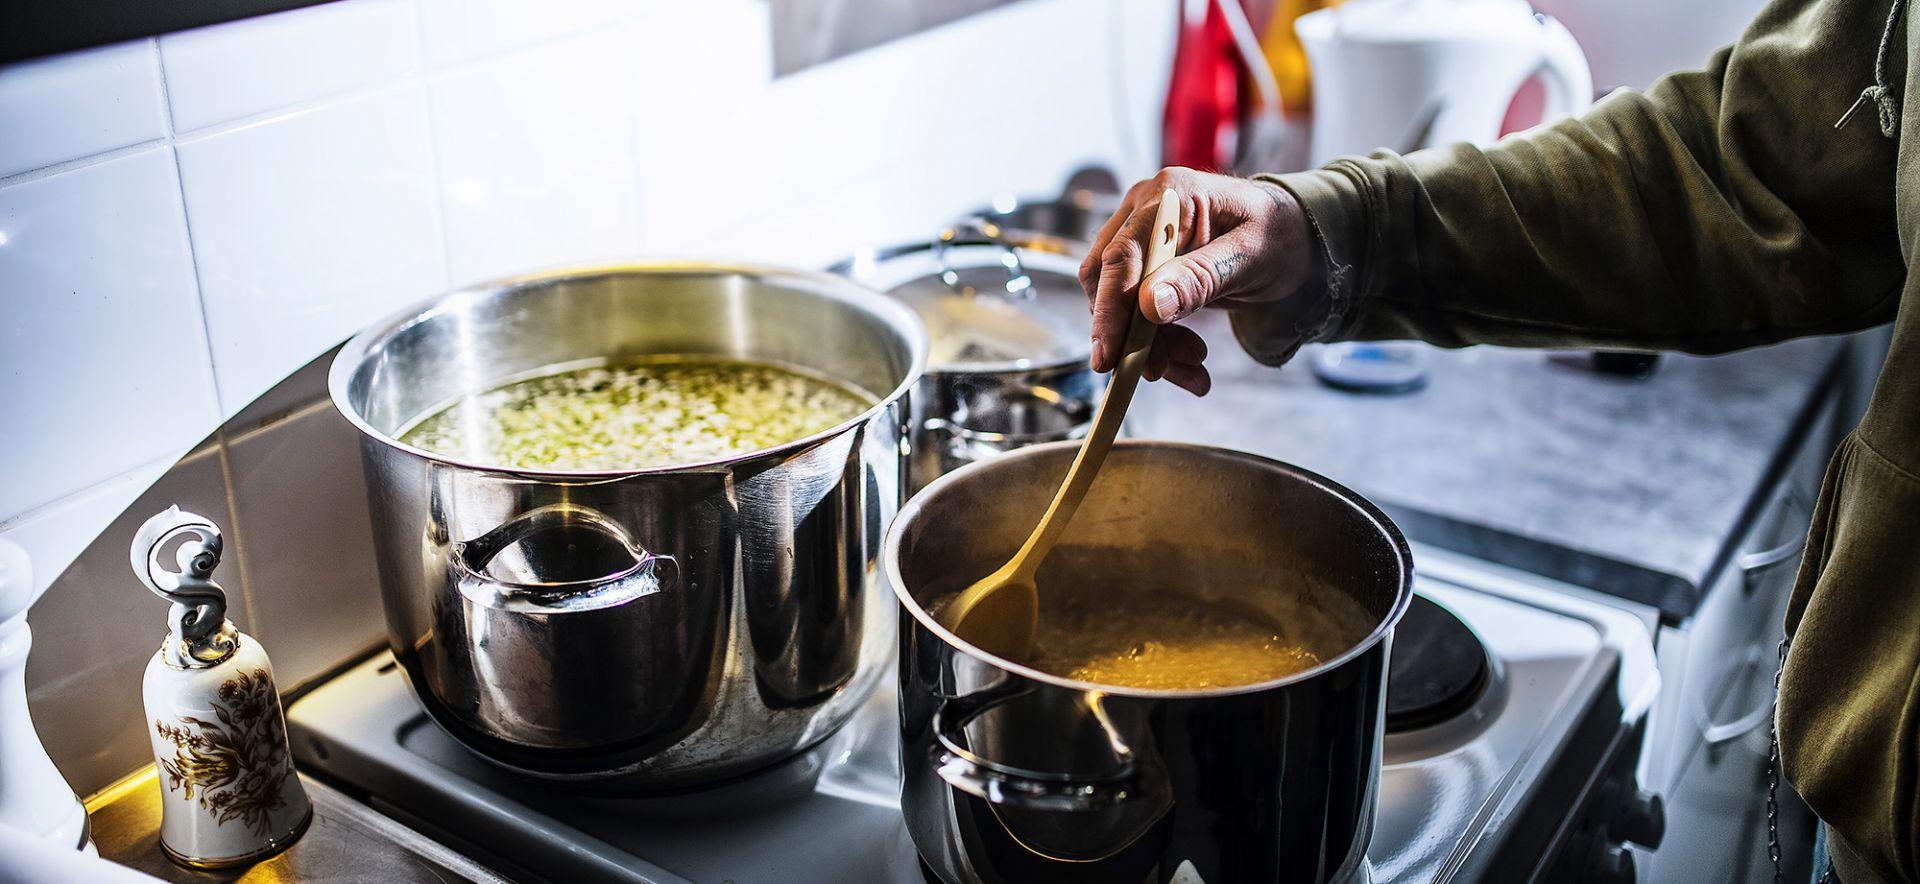 Hernesopan keittoa. Kuvassa näkyy kaksi kattilaa ja käsi joka hämmentää keittoa. Käsi on tatuoitu. Kuva on otettu Sininauhaliiton jäsenyhteisössä Vihreässä Keitaassa Helsingissä.